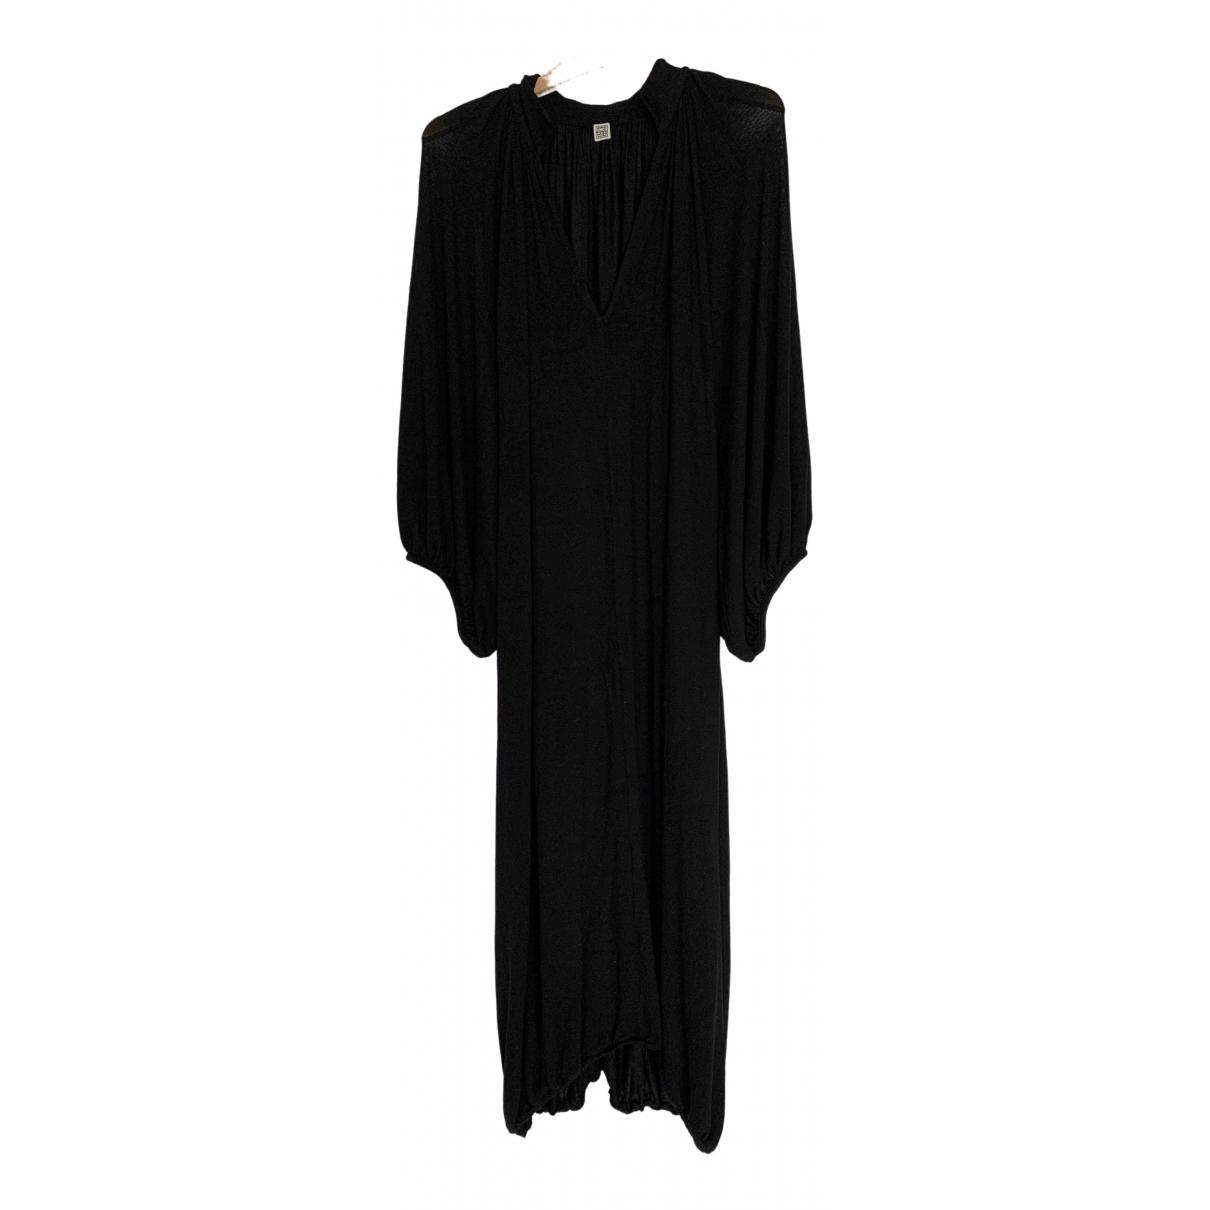 Toteme \N Kleid in  Schwarz Viskose